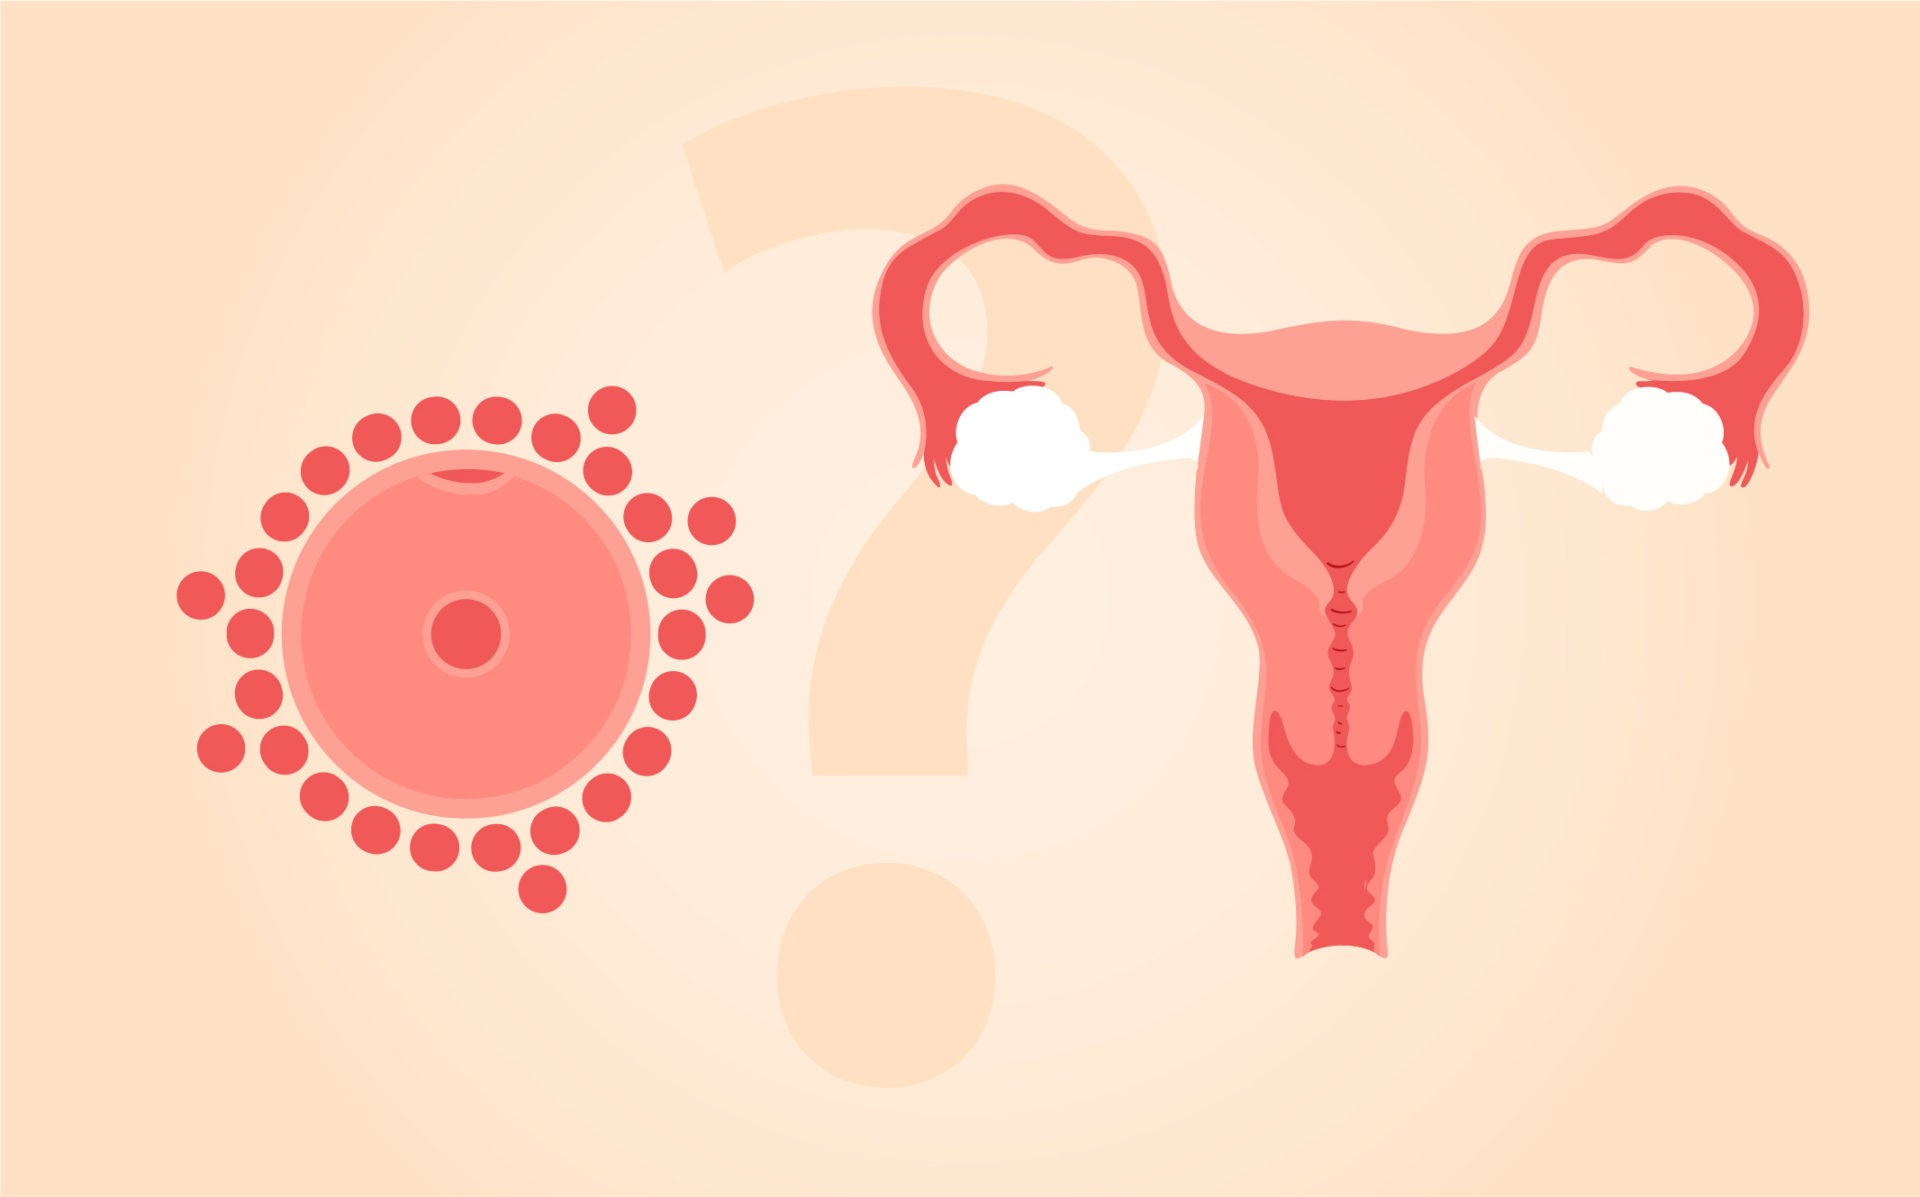 Νεανικά Ωάρια σε σύγκριση με Νεανική Μήτρα: Τι είναι πιο σημαντικό για την επιτυχία της Εξωσωματικής Γονιμοποίησης;